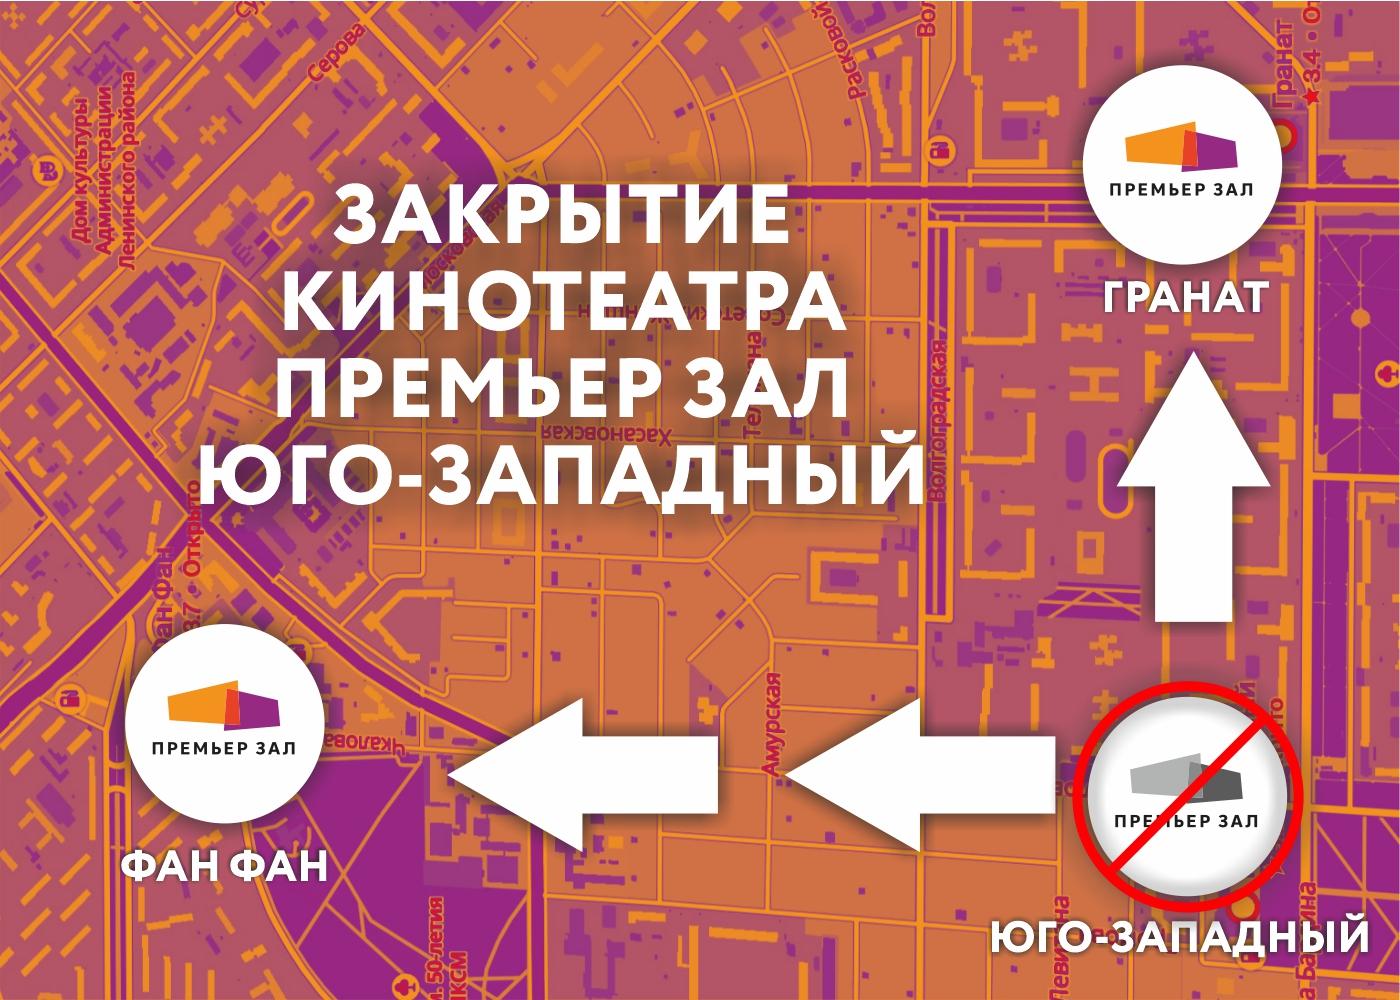 Свердловский кинотеатр «Премьер Зал Юго-Западный» закрылся с 1 сентября